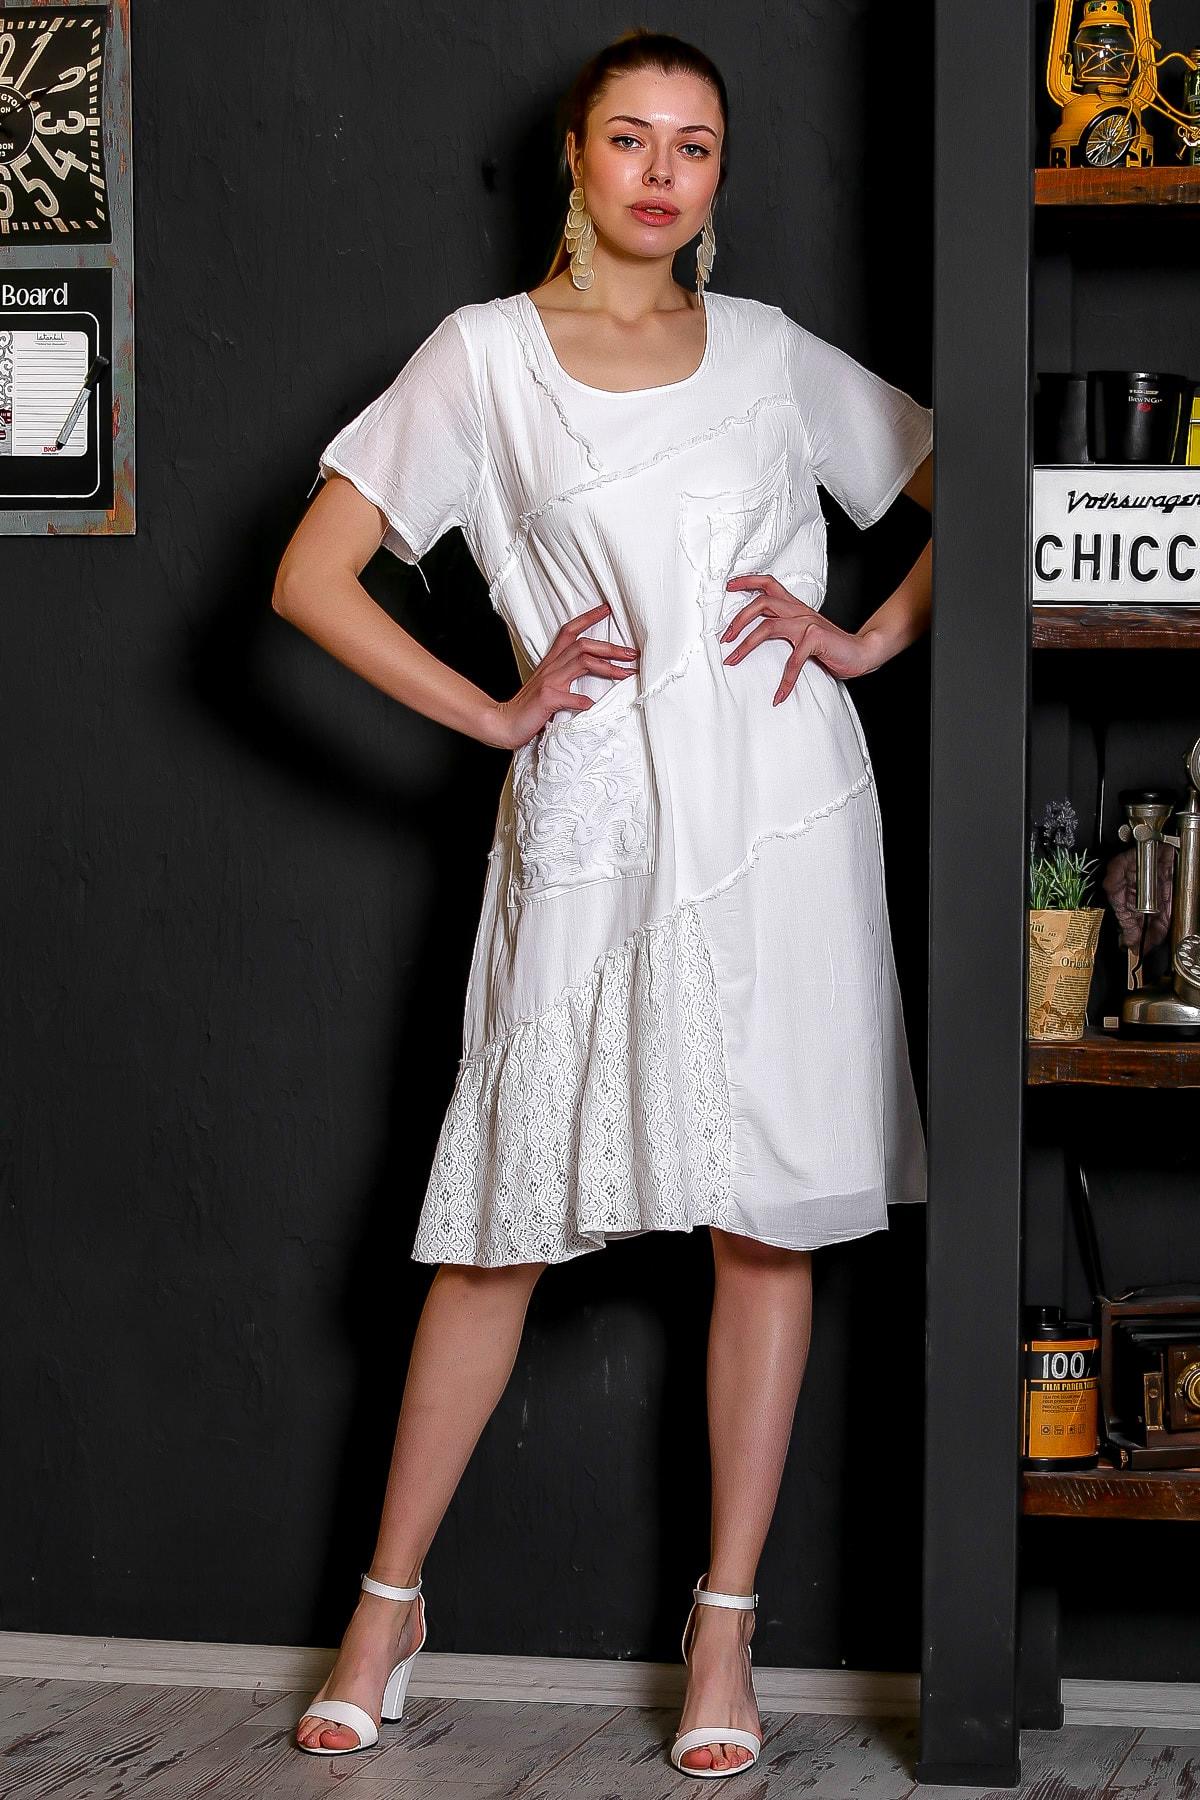 Chiccy Kadın Beyaz Sıfır Yaka Dantel Bloklu Cepli Astarlı Yıkamalı Elbise M10160000EL95294 2